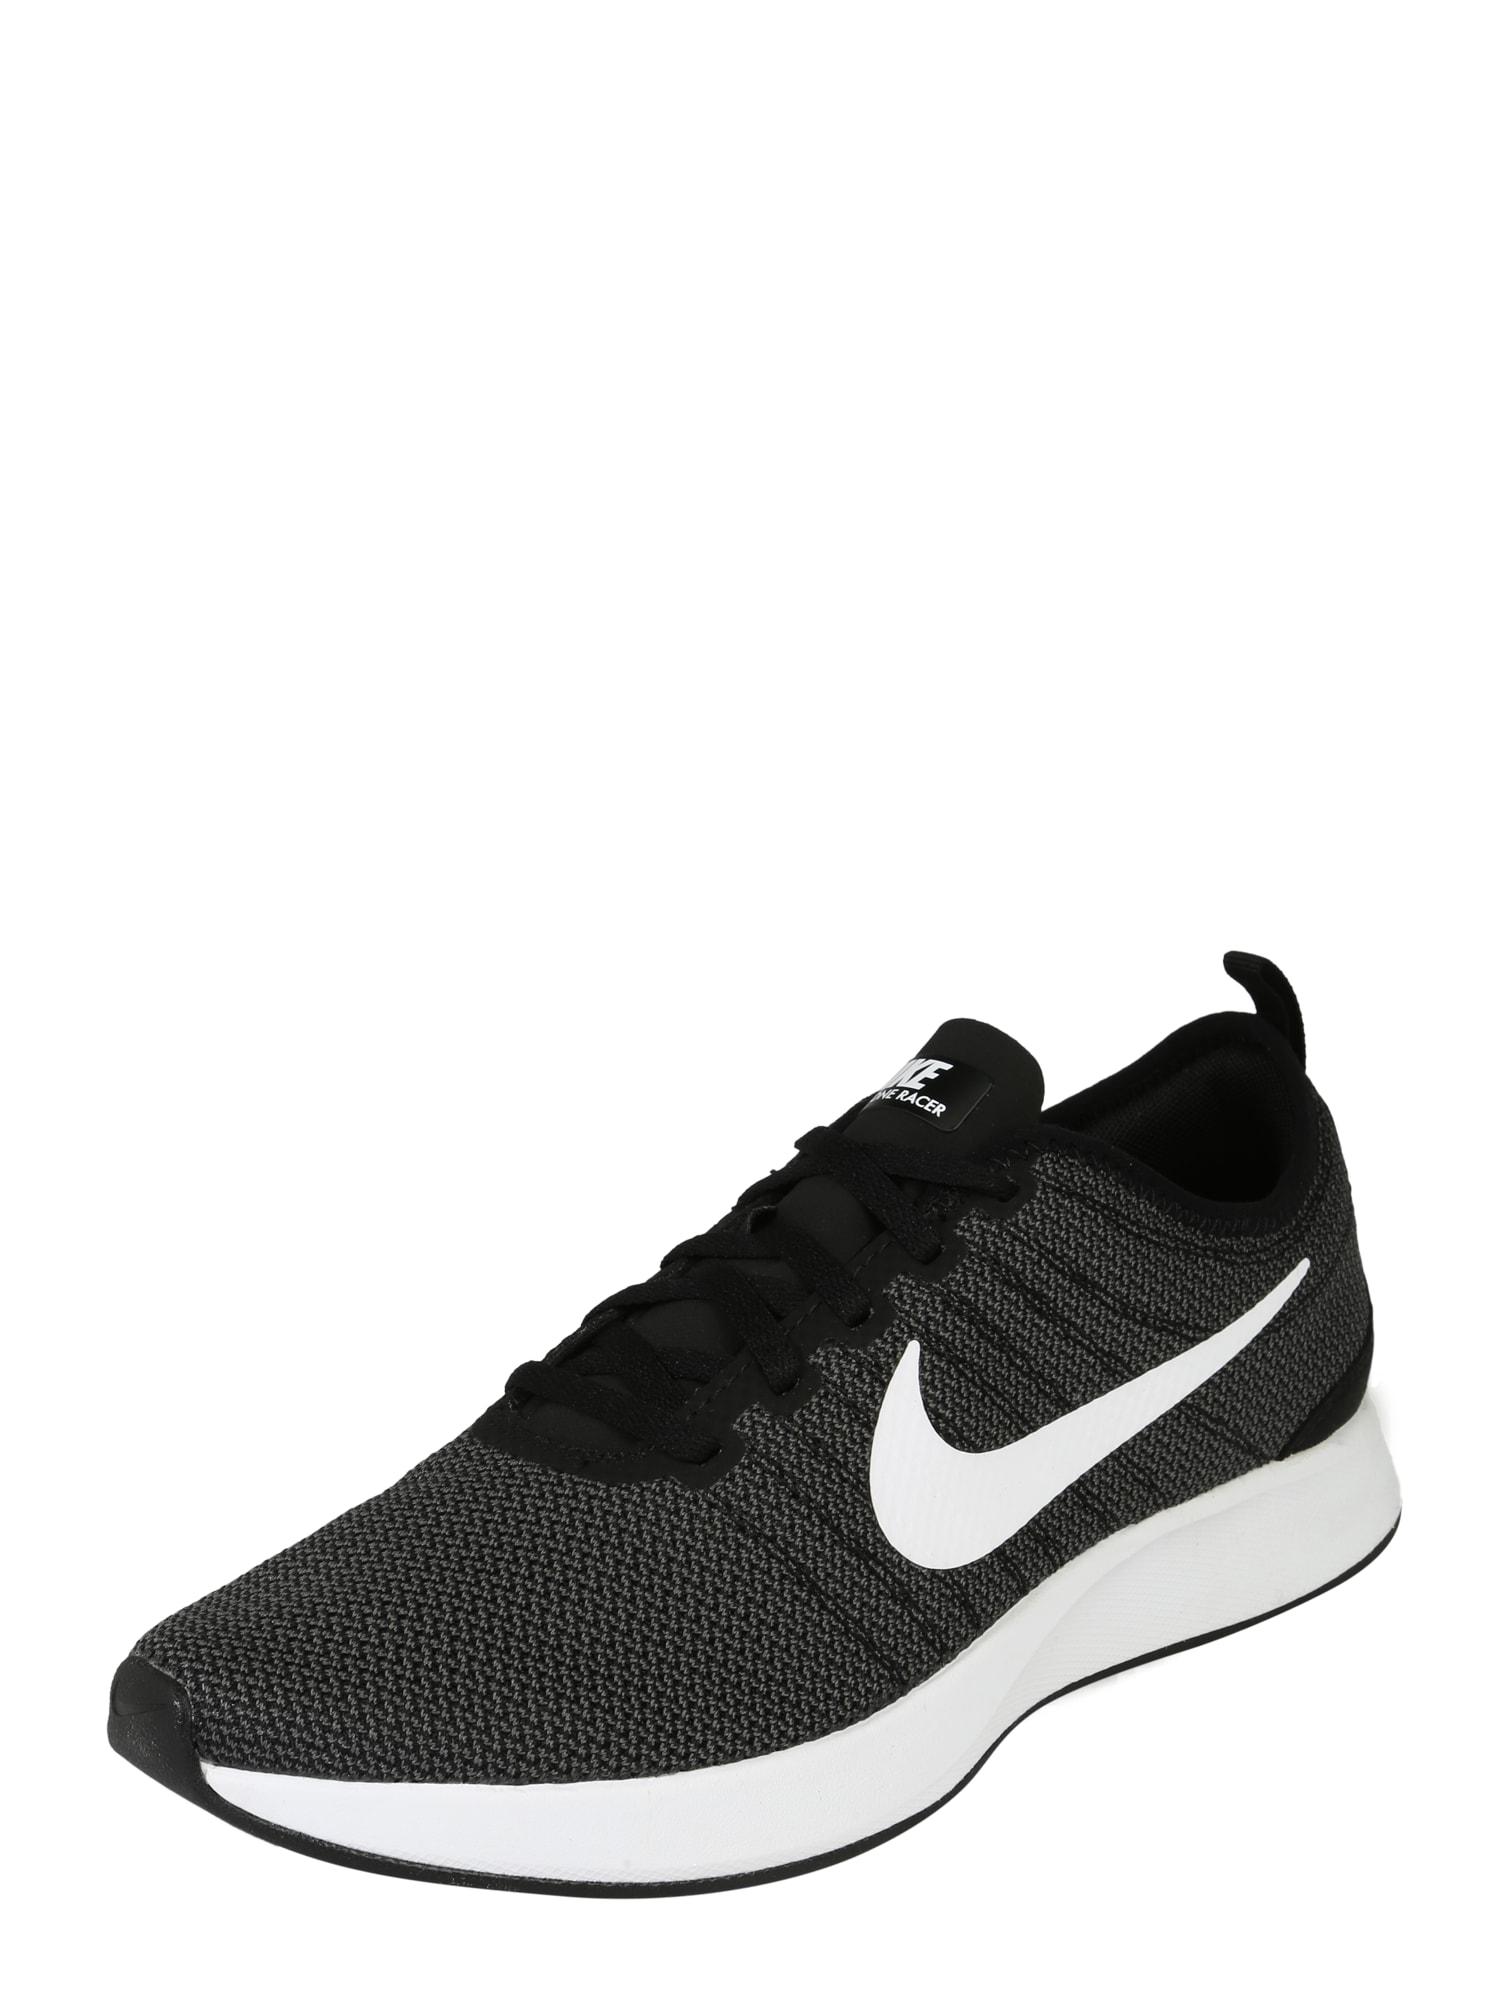 AboutYou   SALE Herren Nike Sportswear Sneaker 'Dualtone